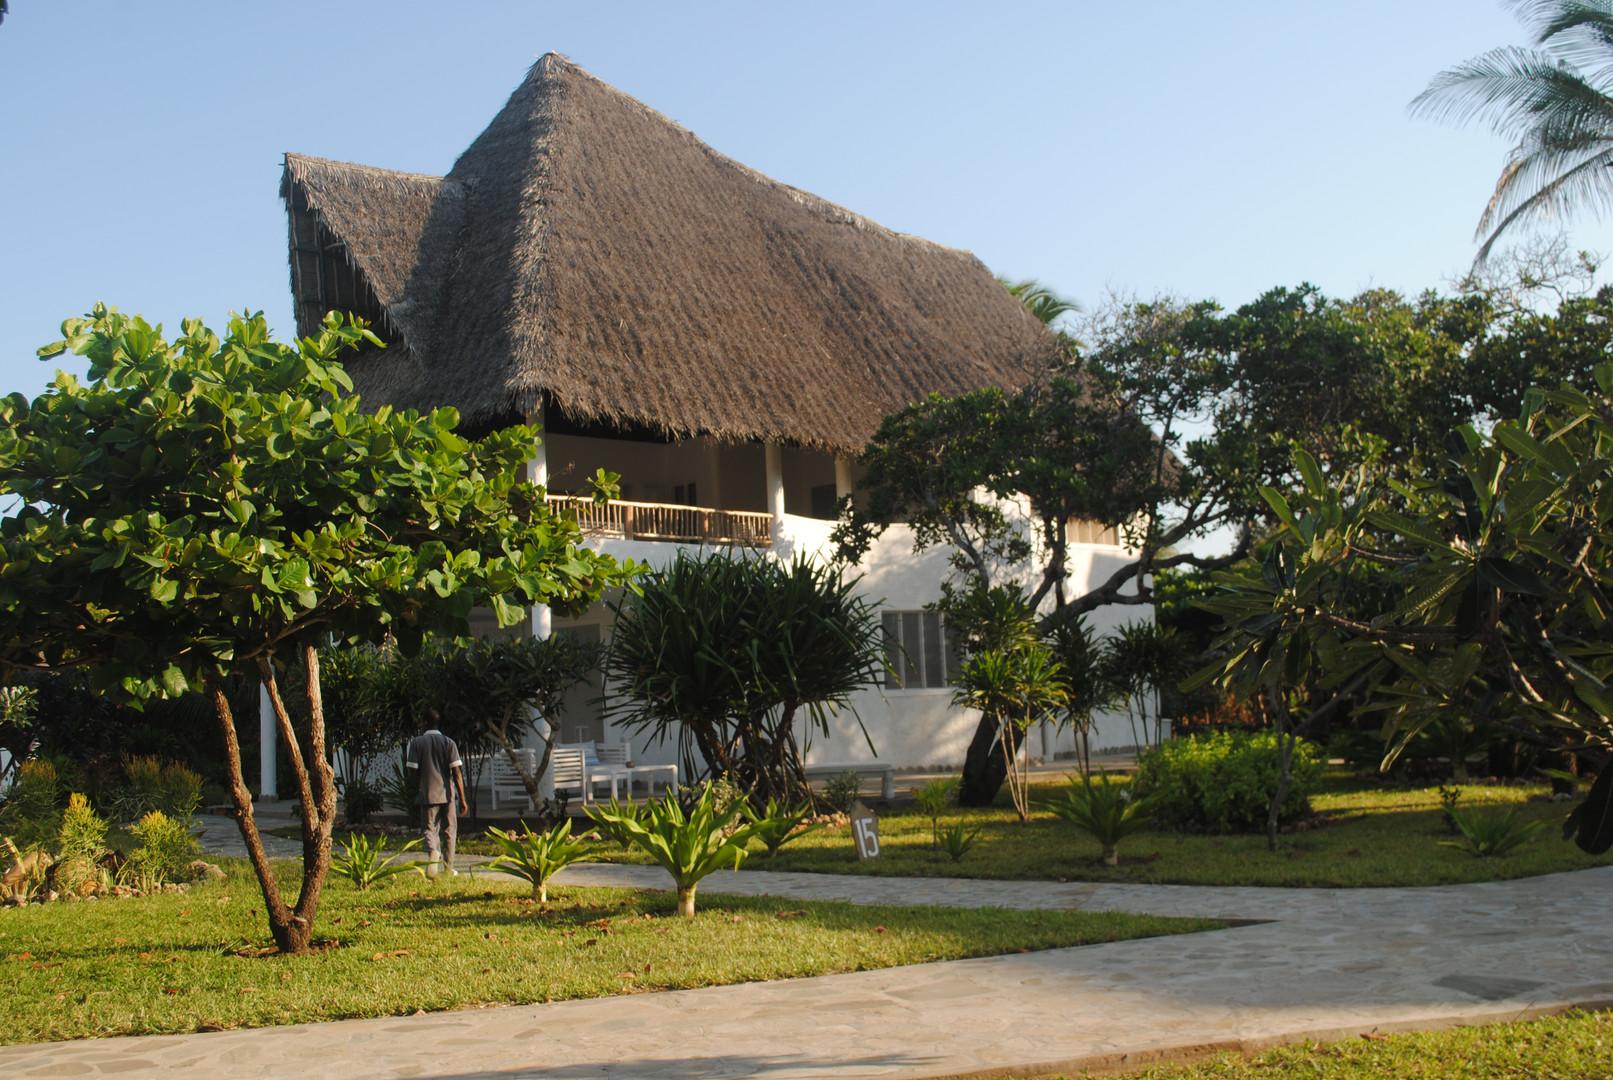 villas kola beach mambrui kenya